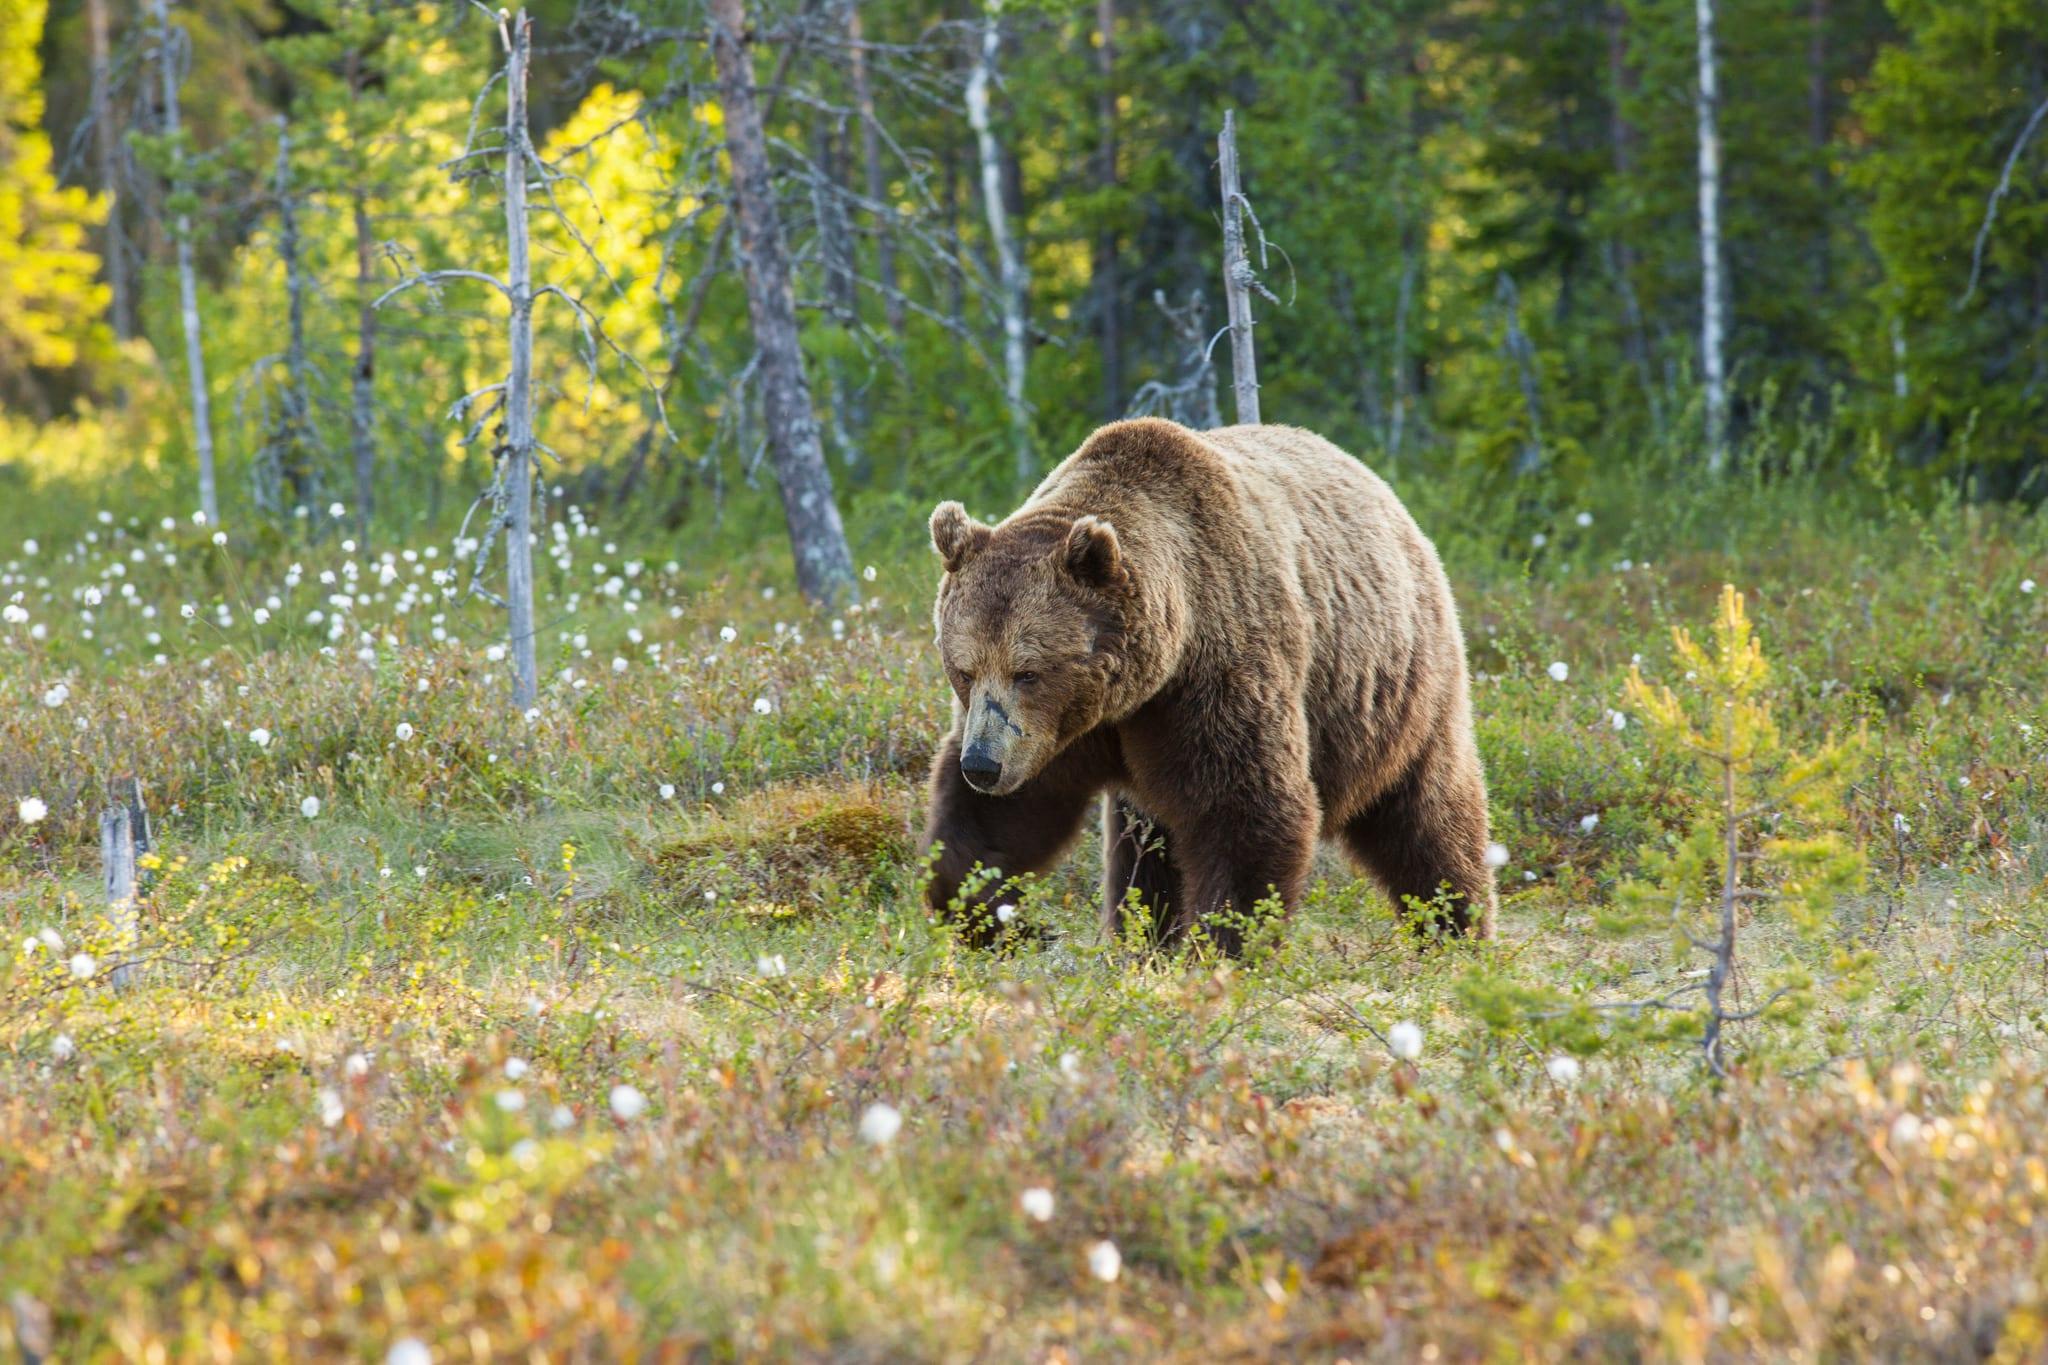 Björnjakten i Norrbotten minskar. Länsstyrelsen hävdar att björnstammen minskar snabbare än i övriga Sverige och halverar tilldelningen jämfört med tidigare år. Foto: Kjell-Erik Moseid